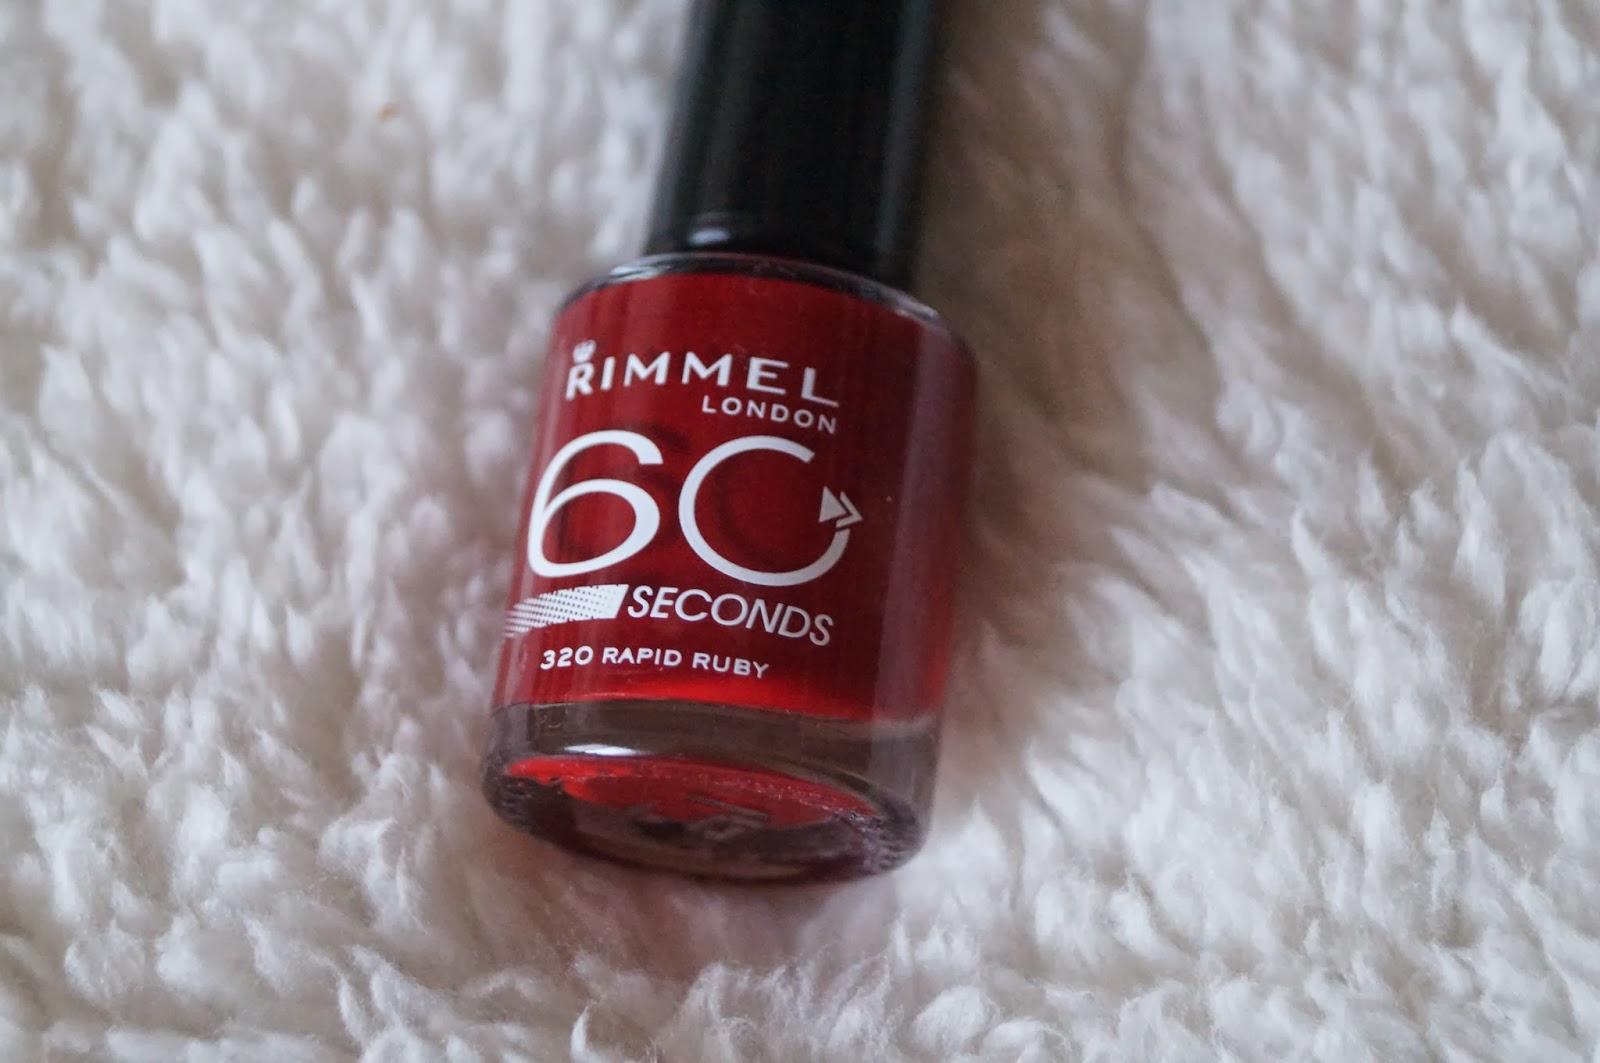 Review: Rimmel london, 60 seconds.